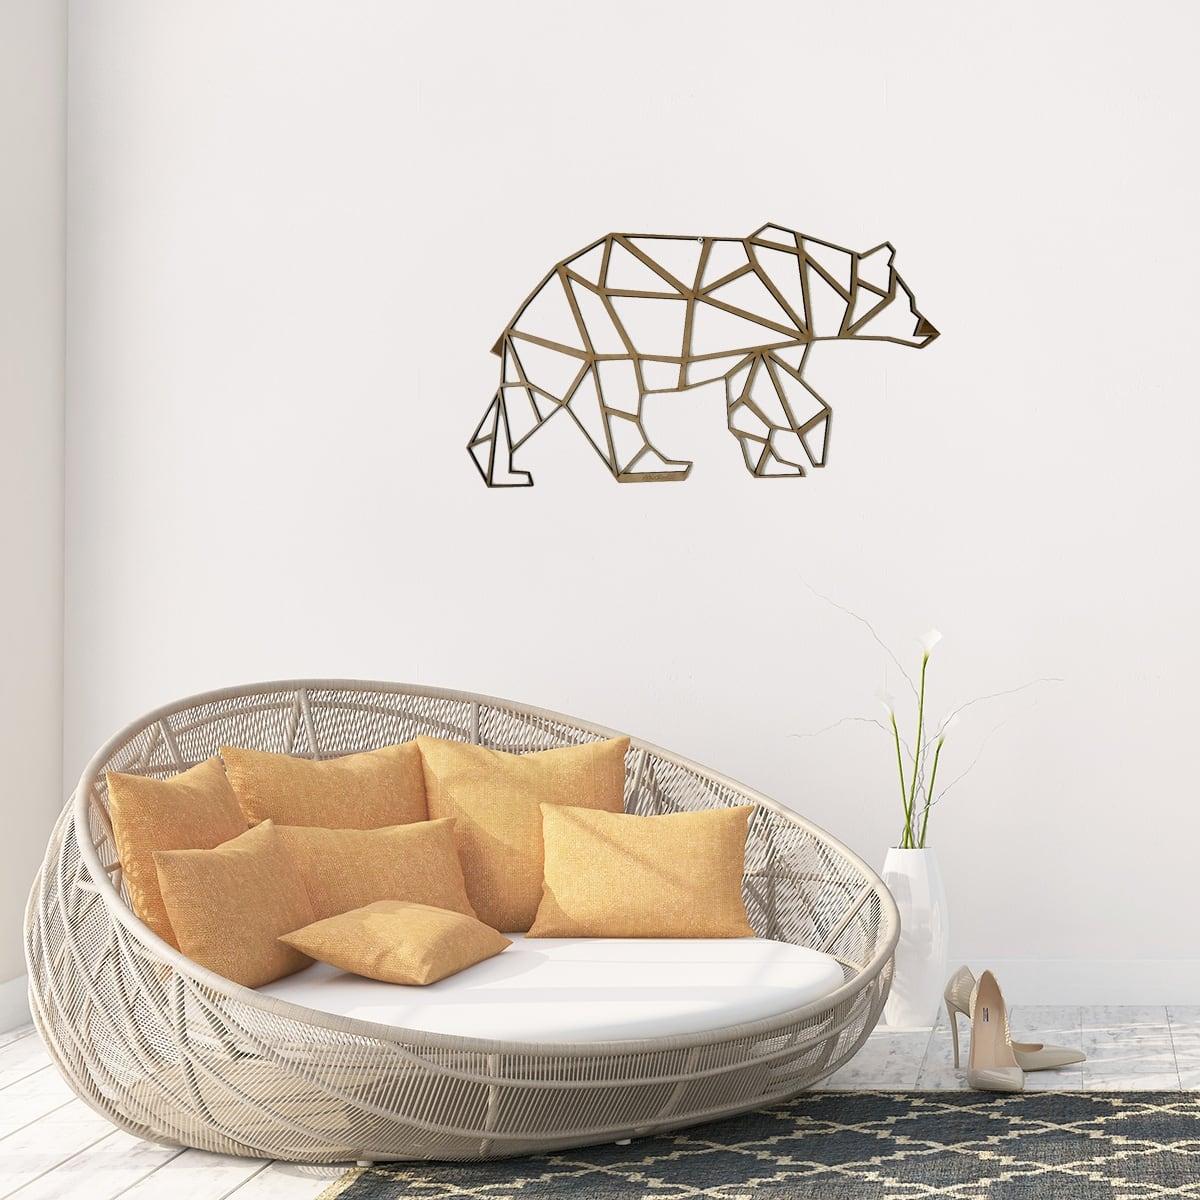 Décoration murale d'ours en bois pour une touche zen